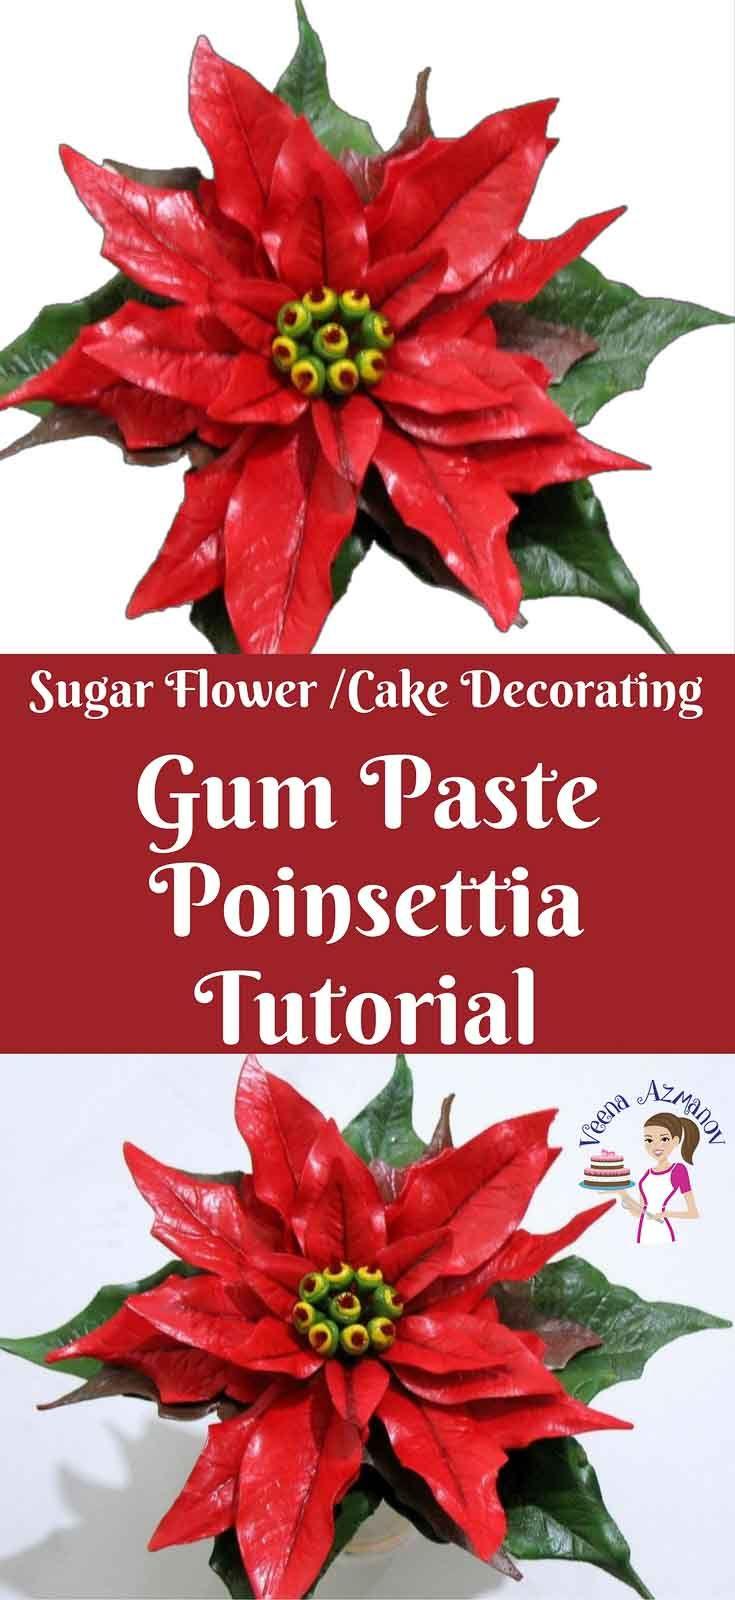 Gum Paste Poinsettia Tutorial How To Make Gumpaste Poinsettia Sugar